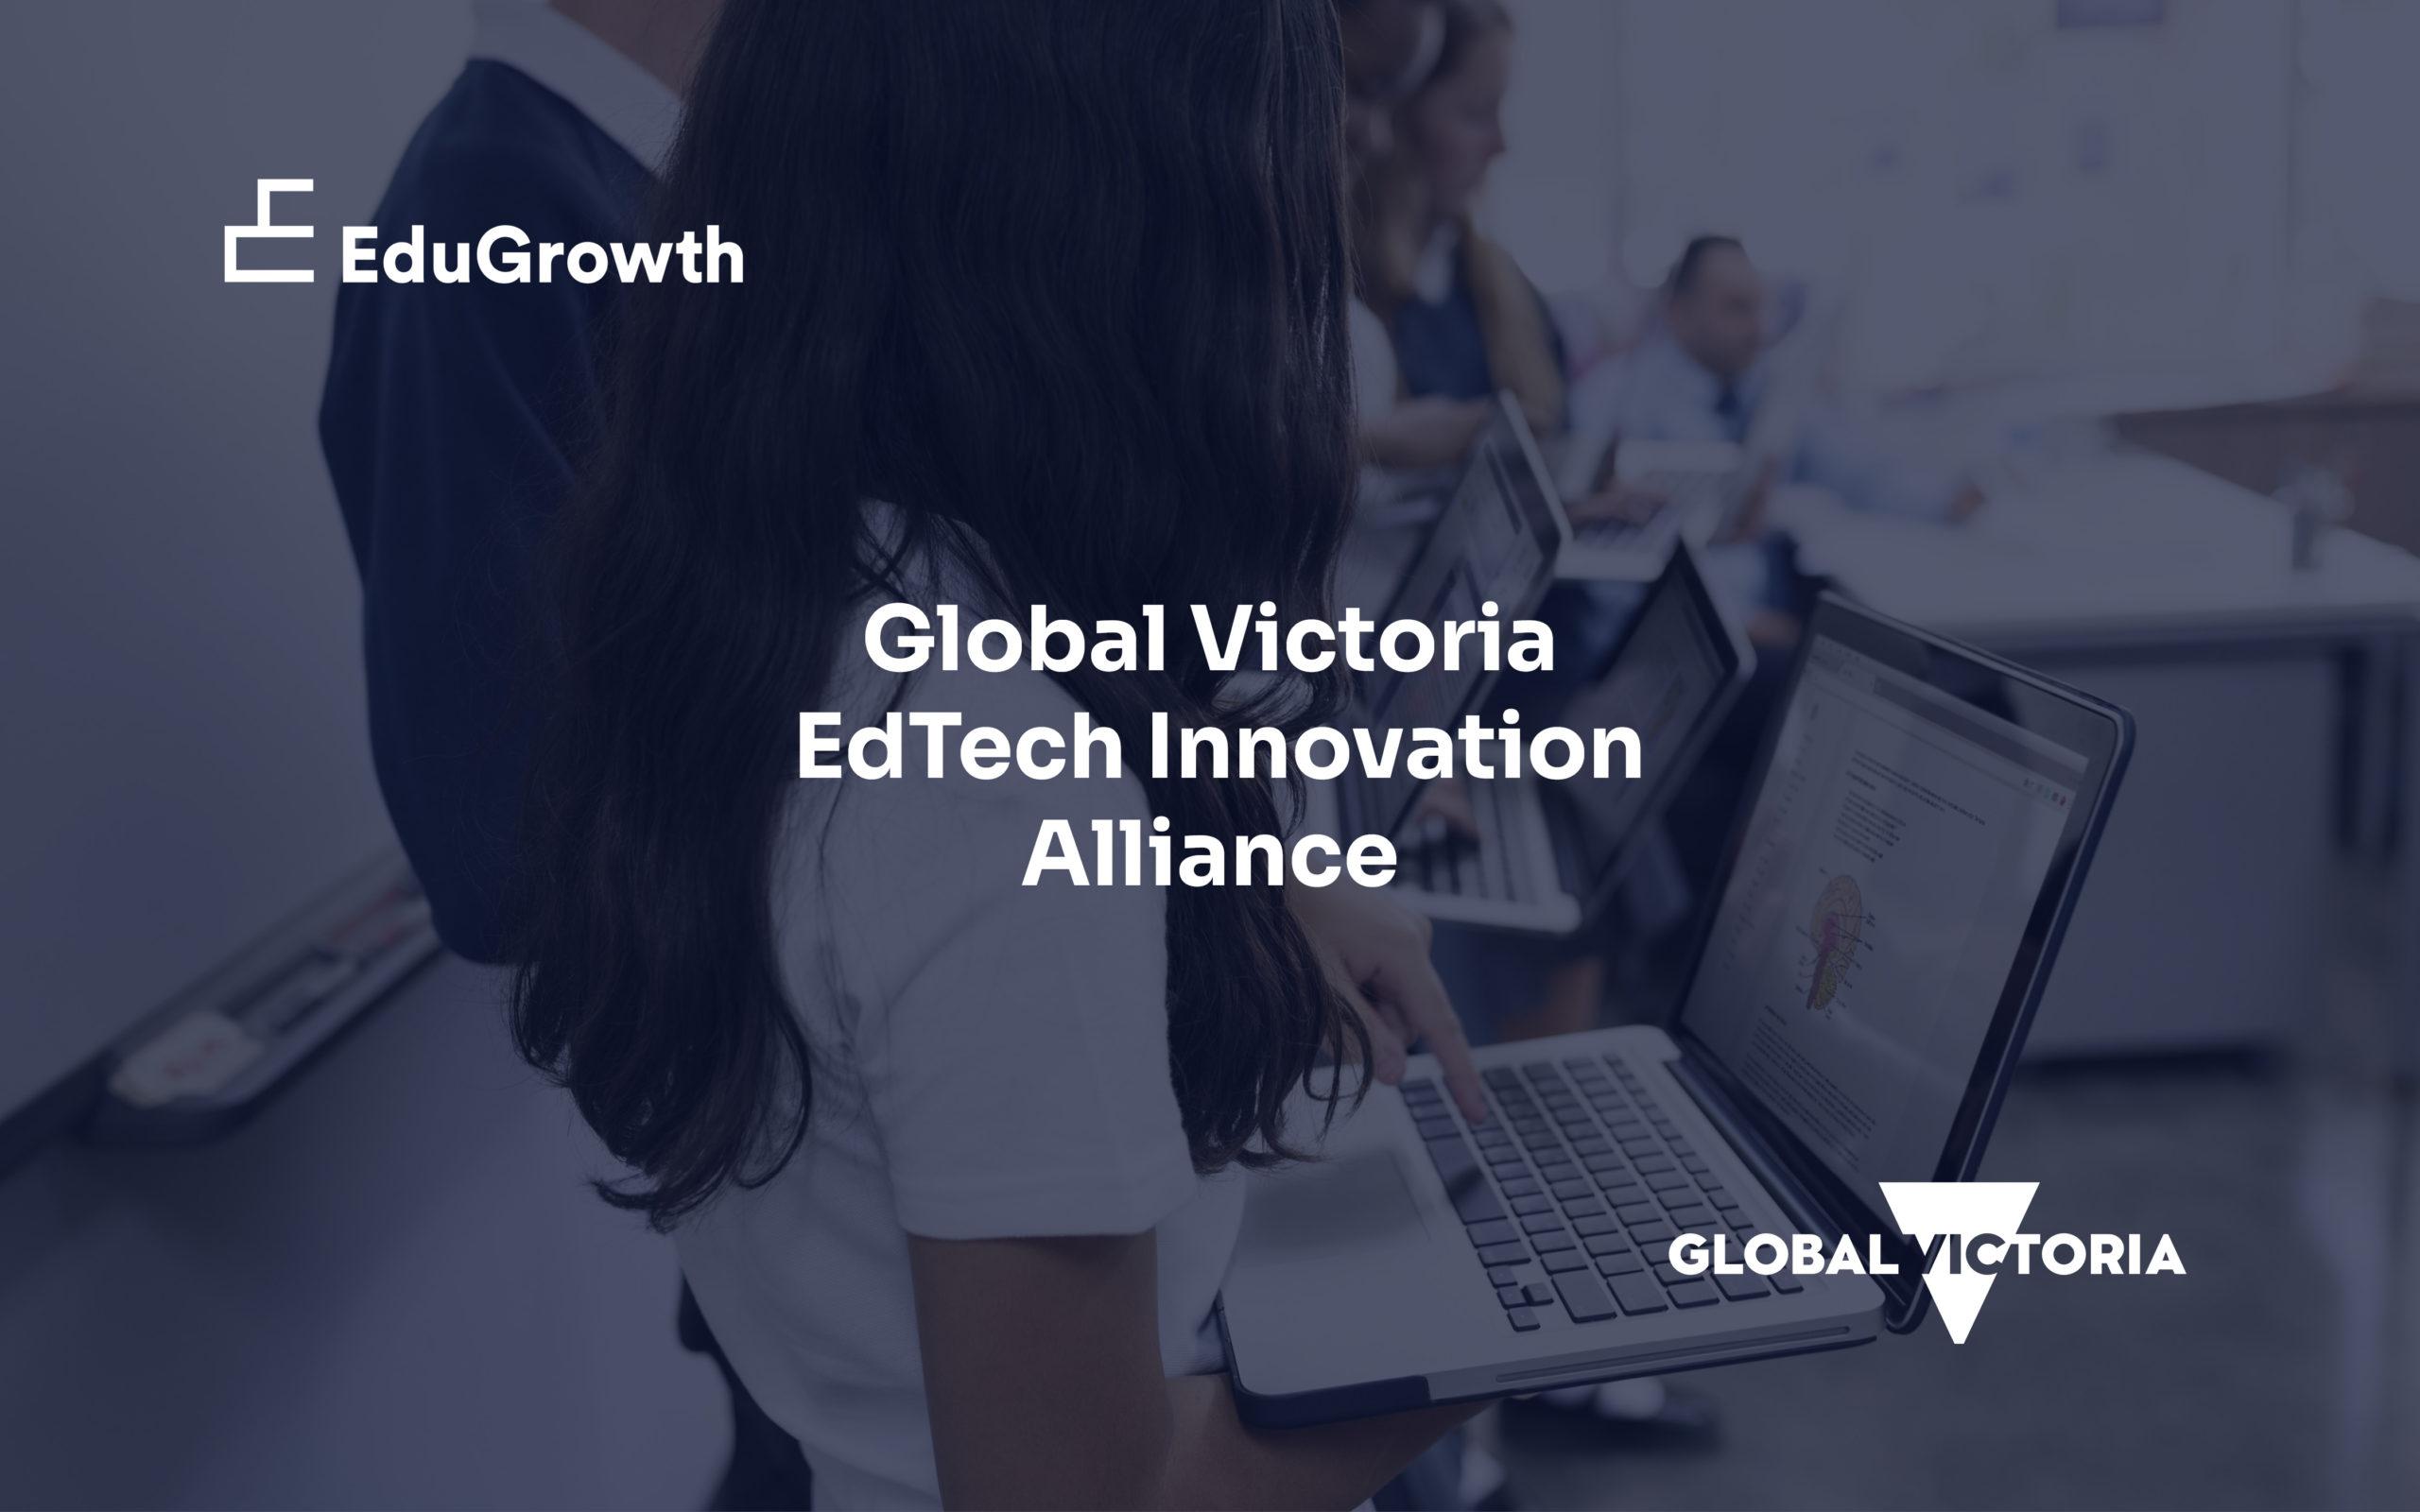 EduGrowth EdTech Innovation Alliance Announcement 2021